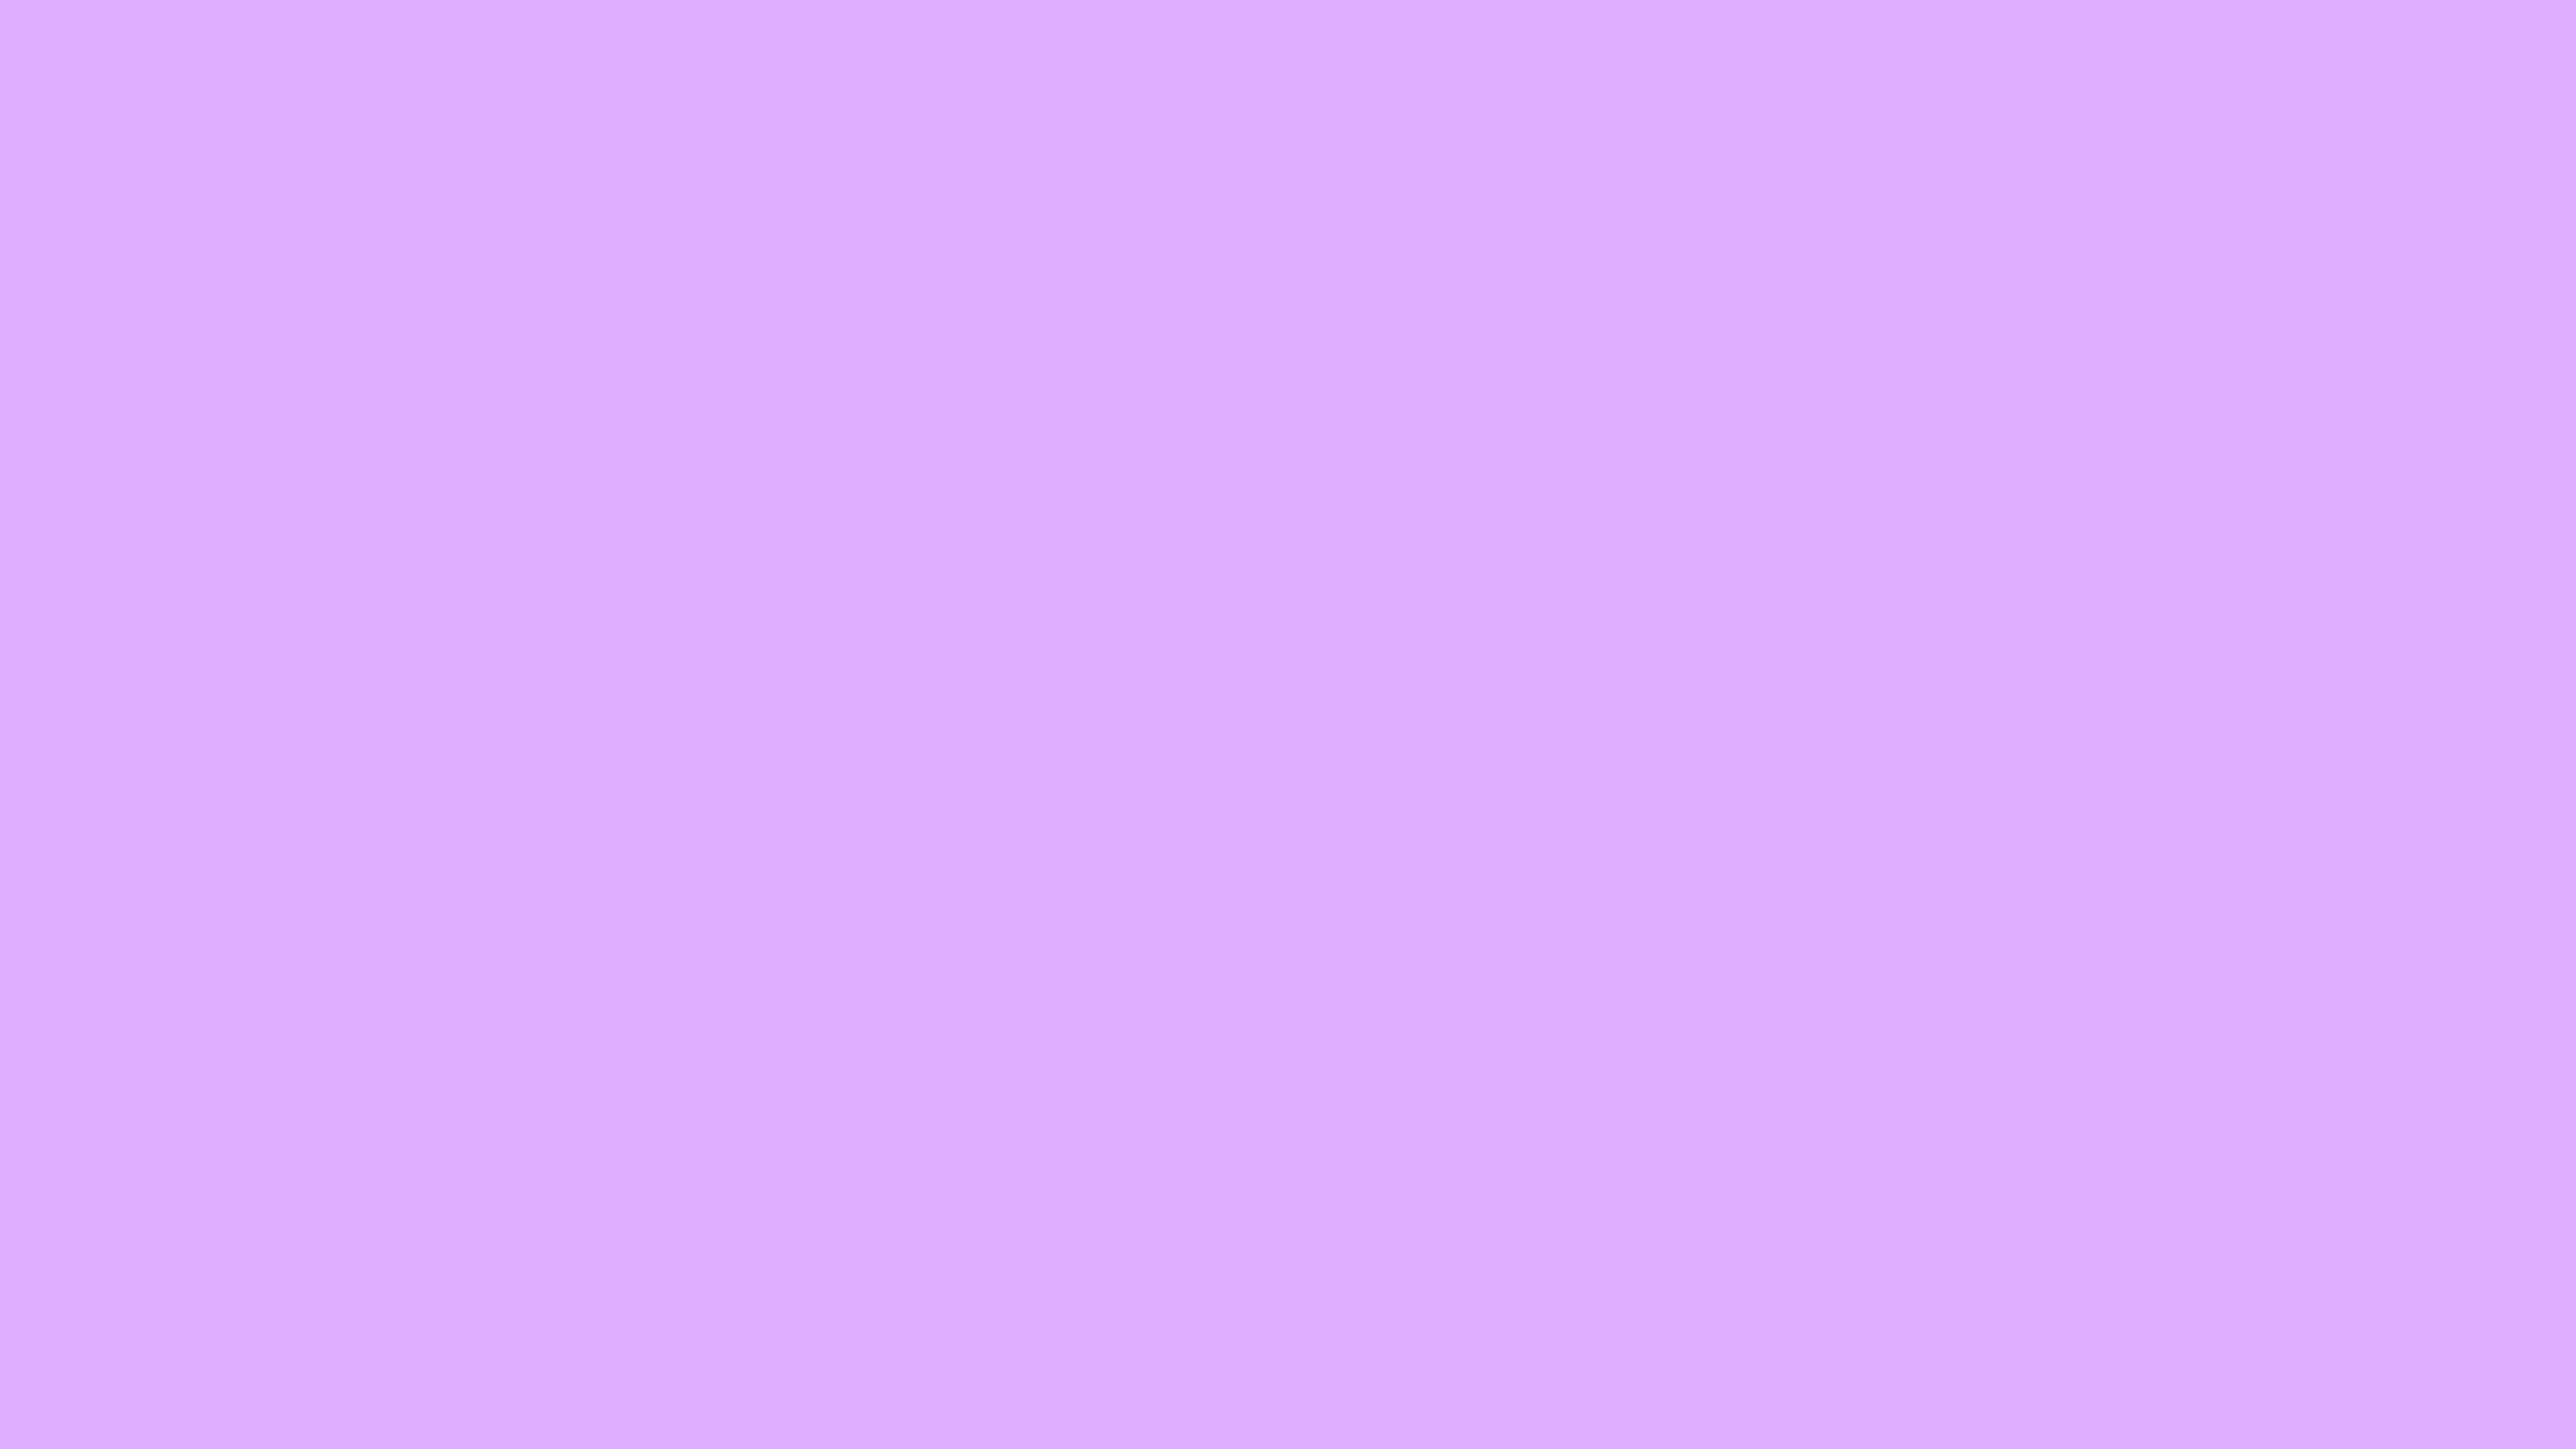 4096x2304 Mauve Solid Color Background